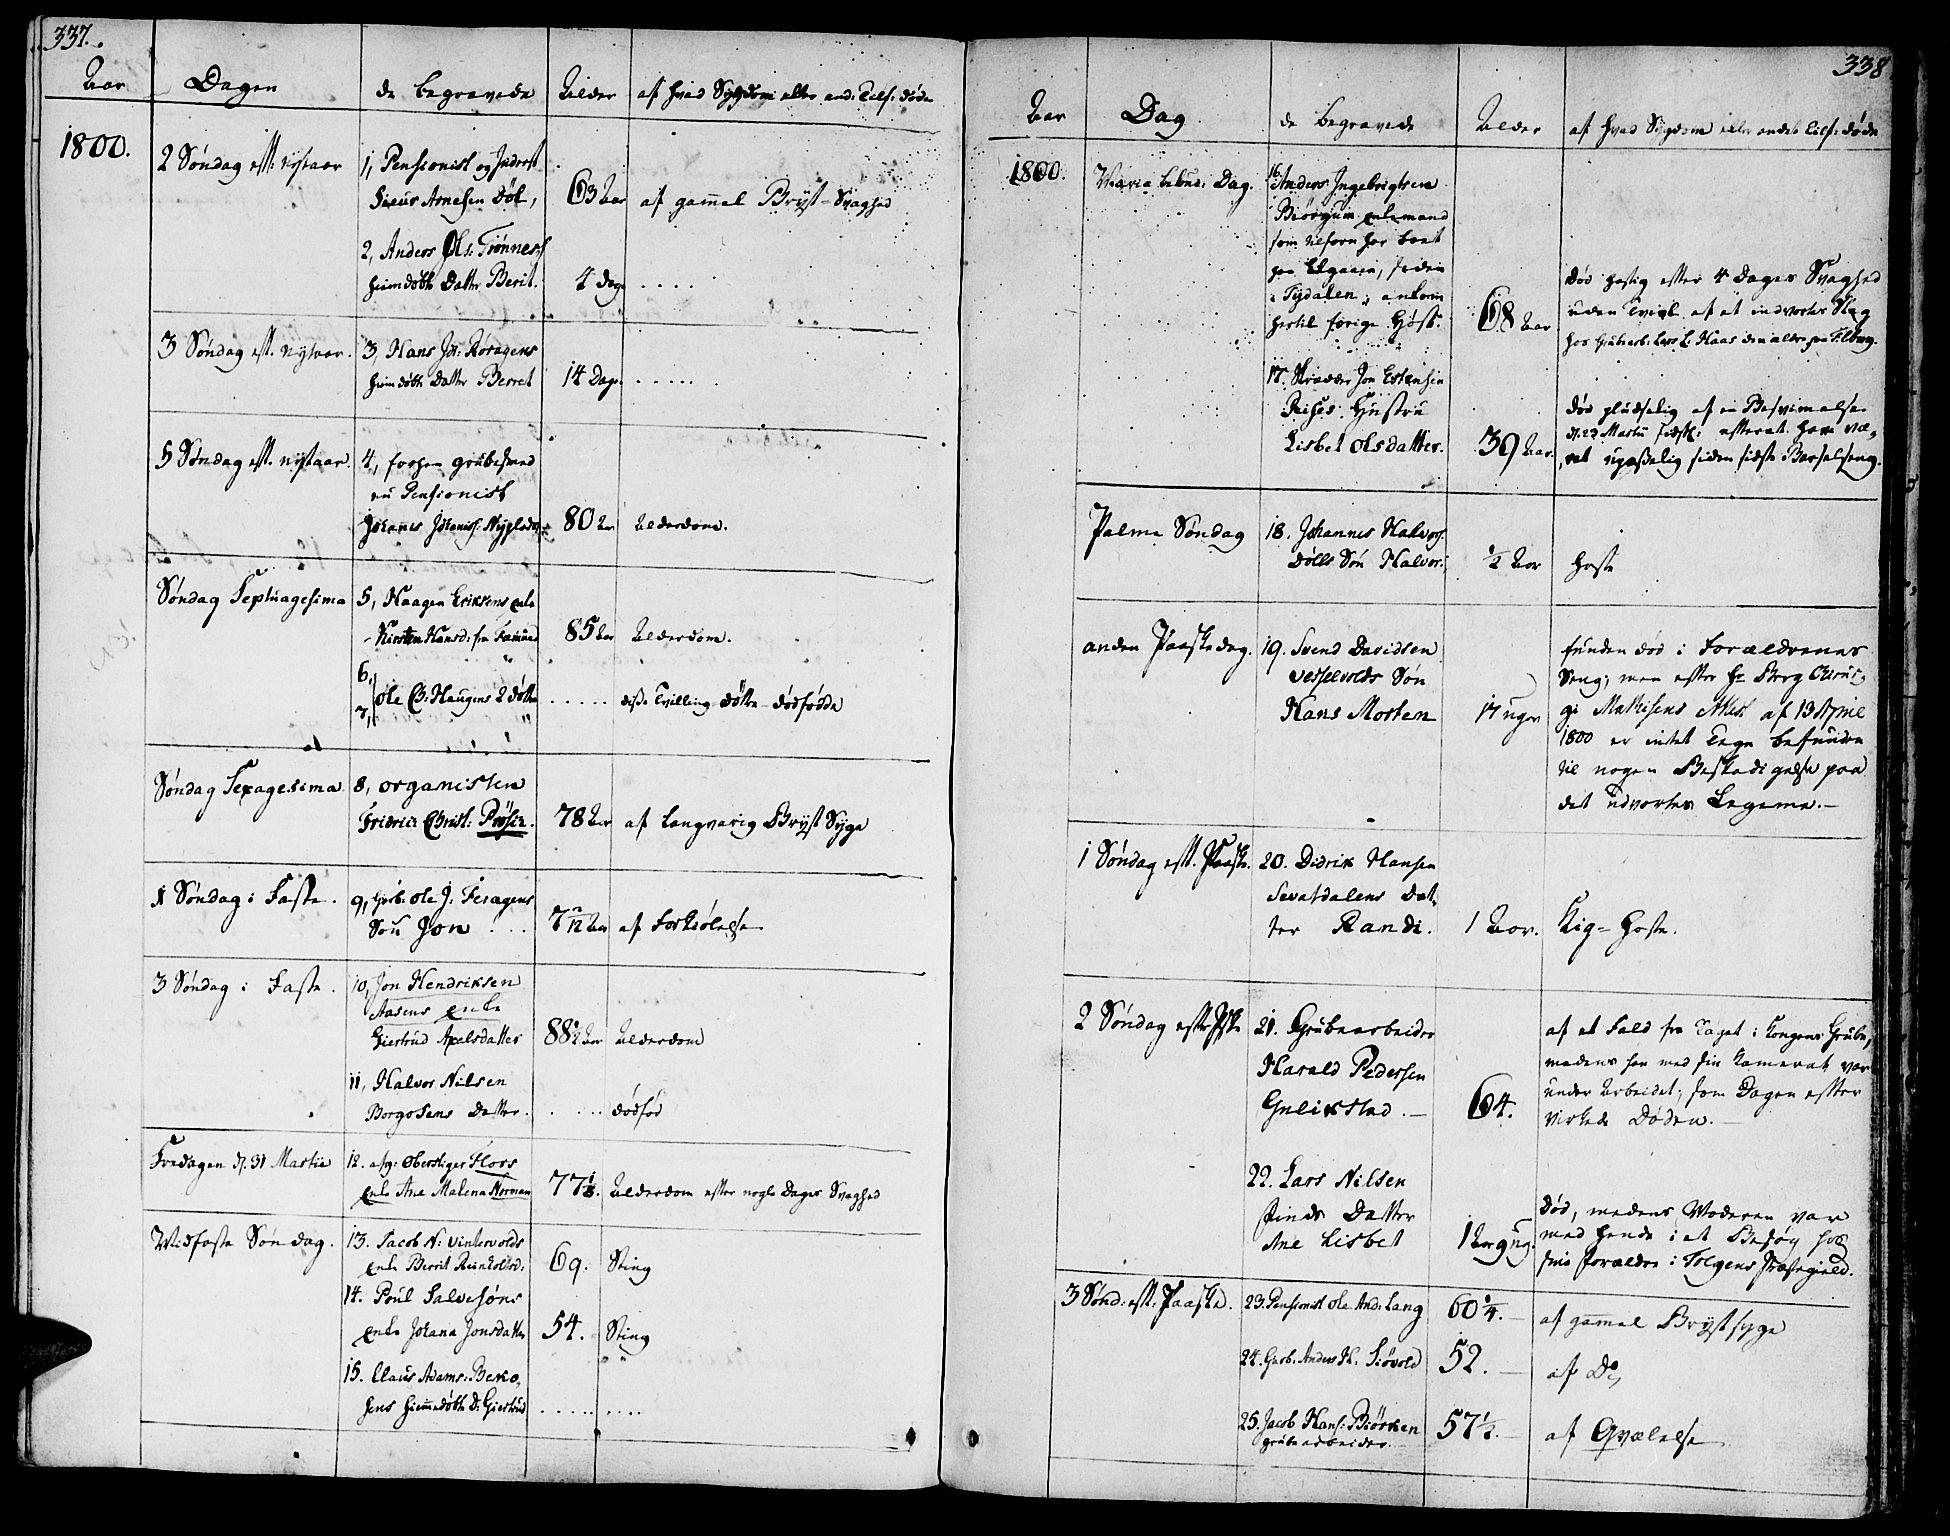 SAT, Ministerialprotokoller, klokkerbøker og fødselsregistre - Sør-Trøndelag, 681/L0927: Ministerialbok nr. 681A05, 1798-1808, s. 337-338